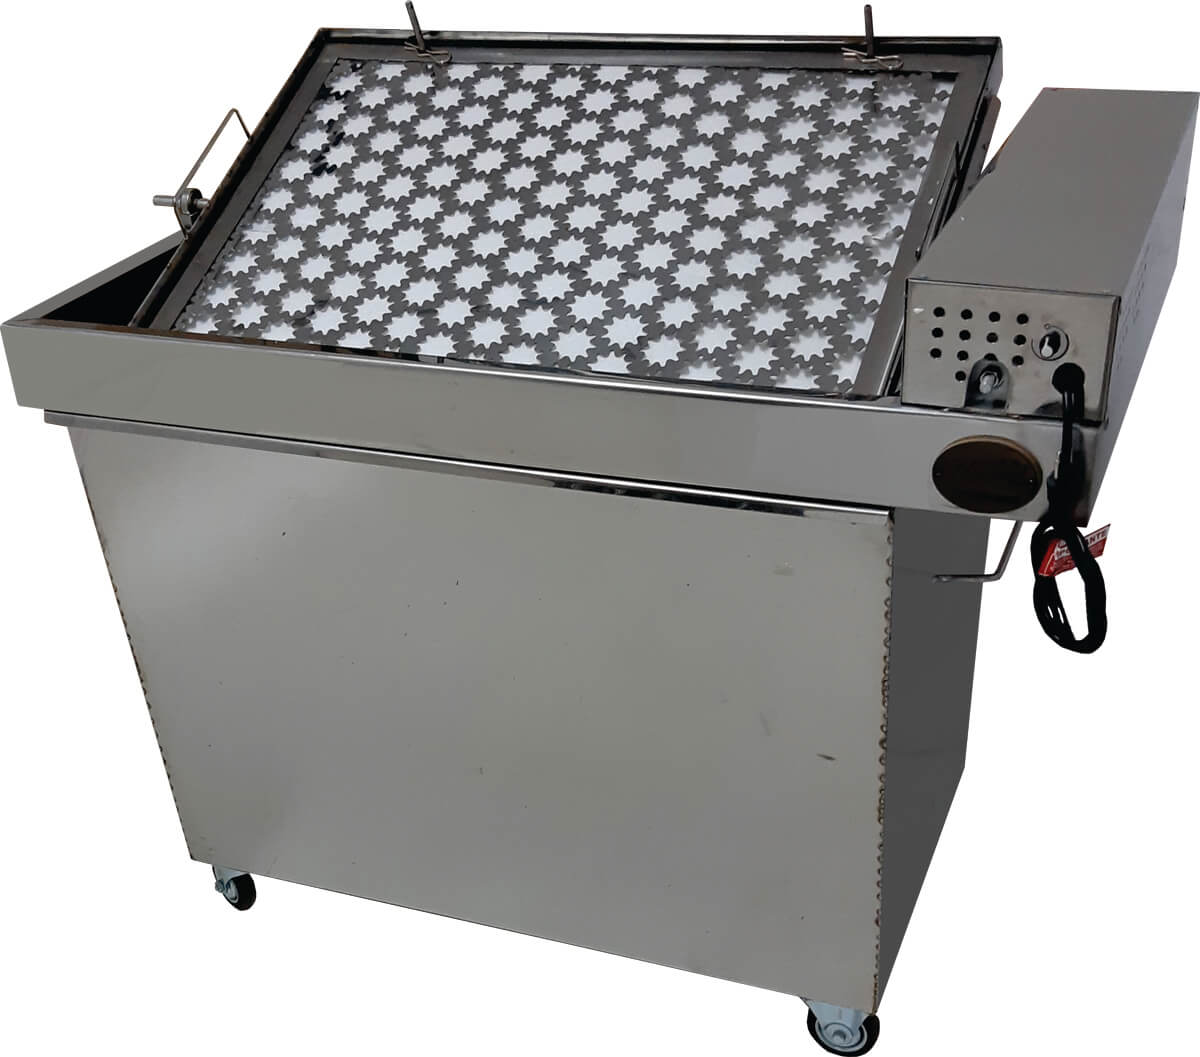 Churrasqueira portátil para costela com sistema de grelha